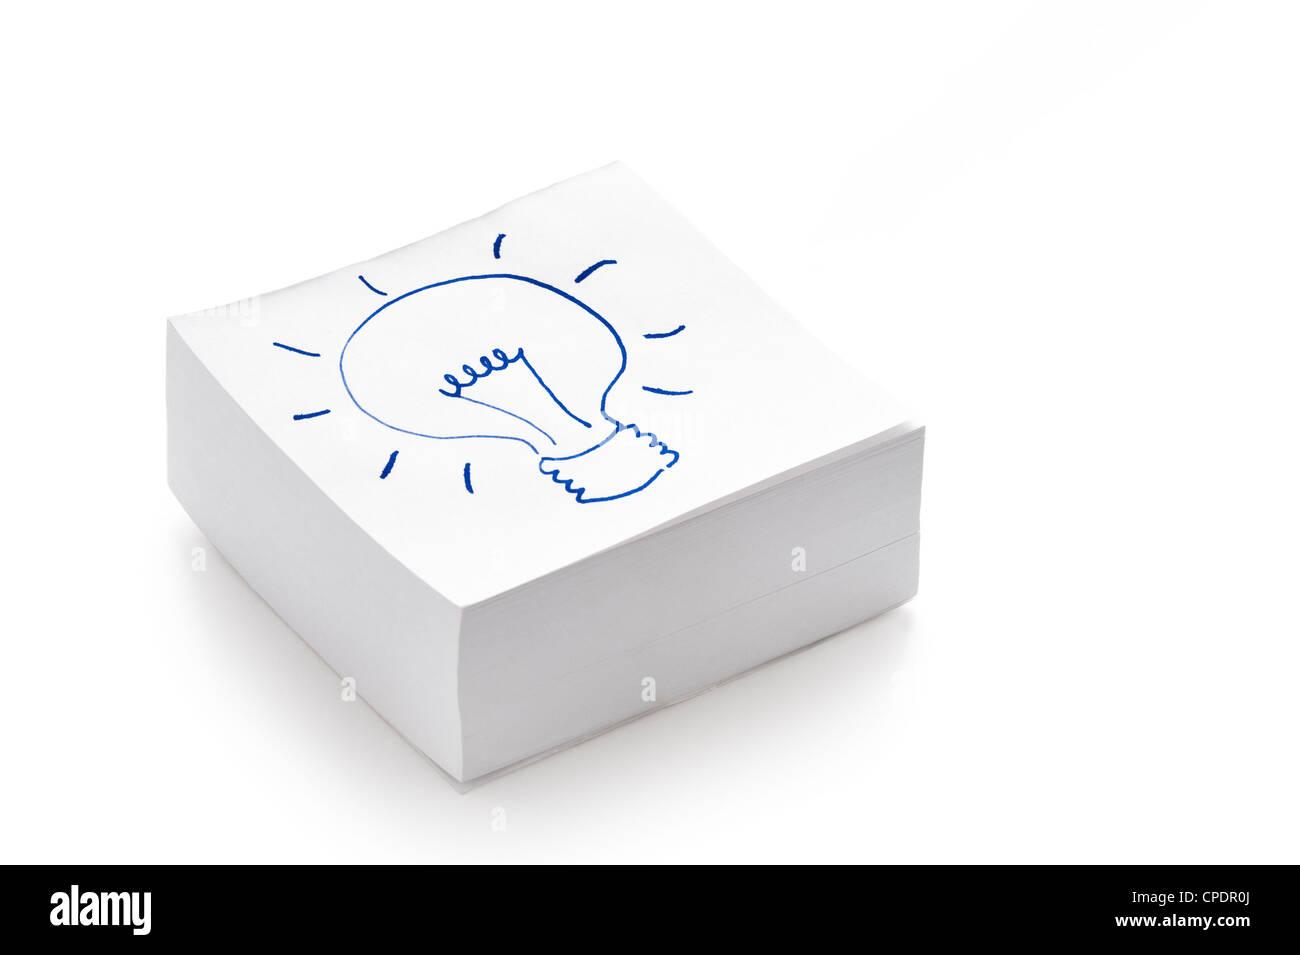 Dibujo de bombilla en una pila de post-it notes que ilustra el concepto de tener una idea Imagen De Stock